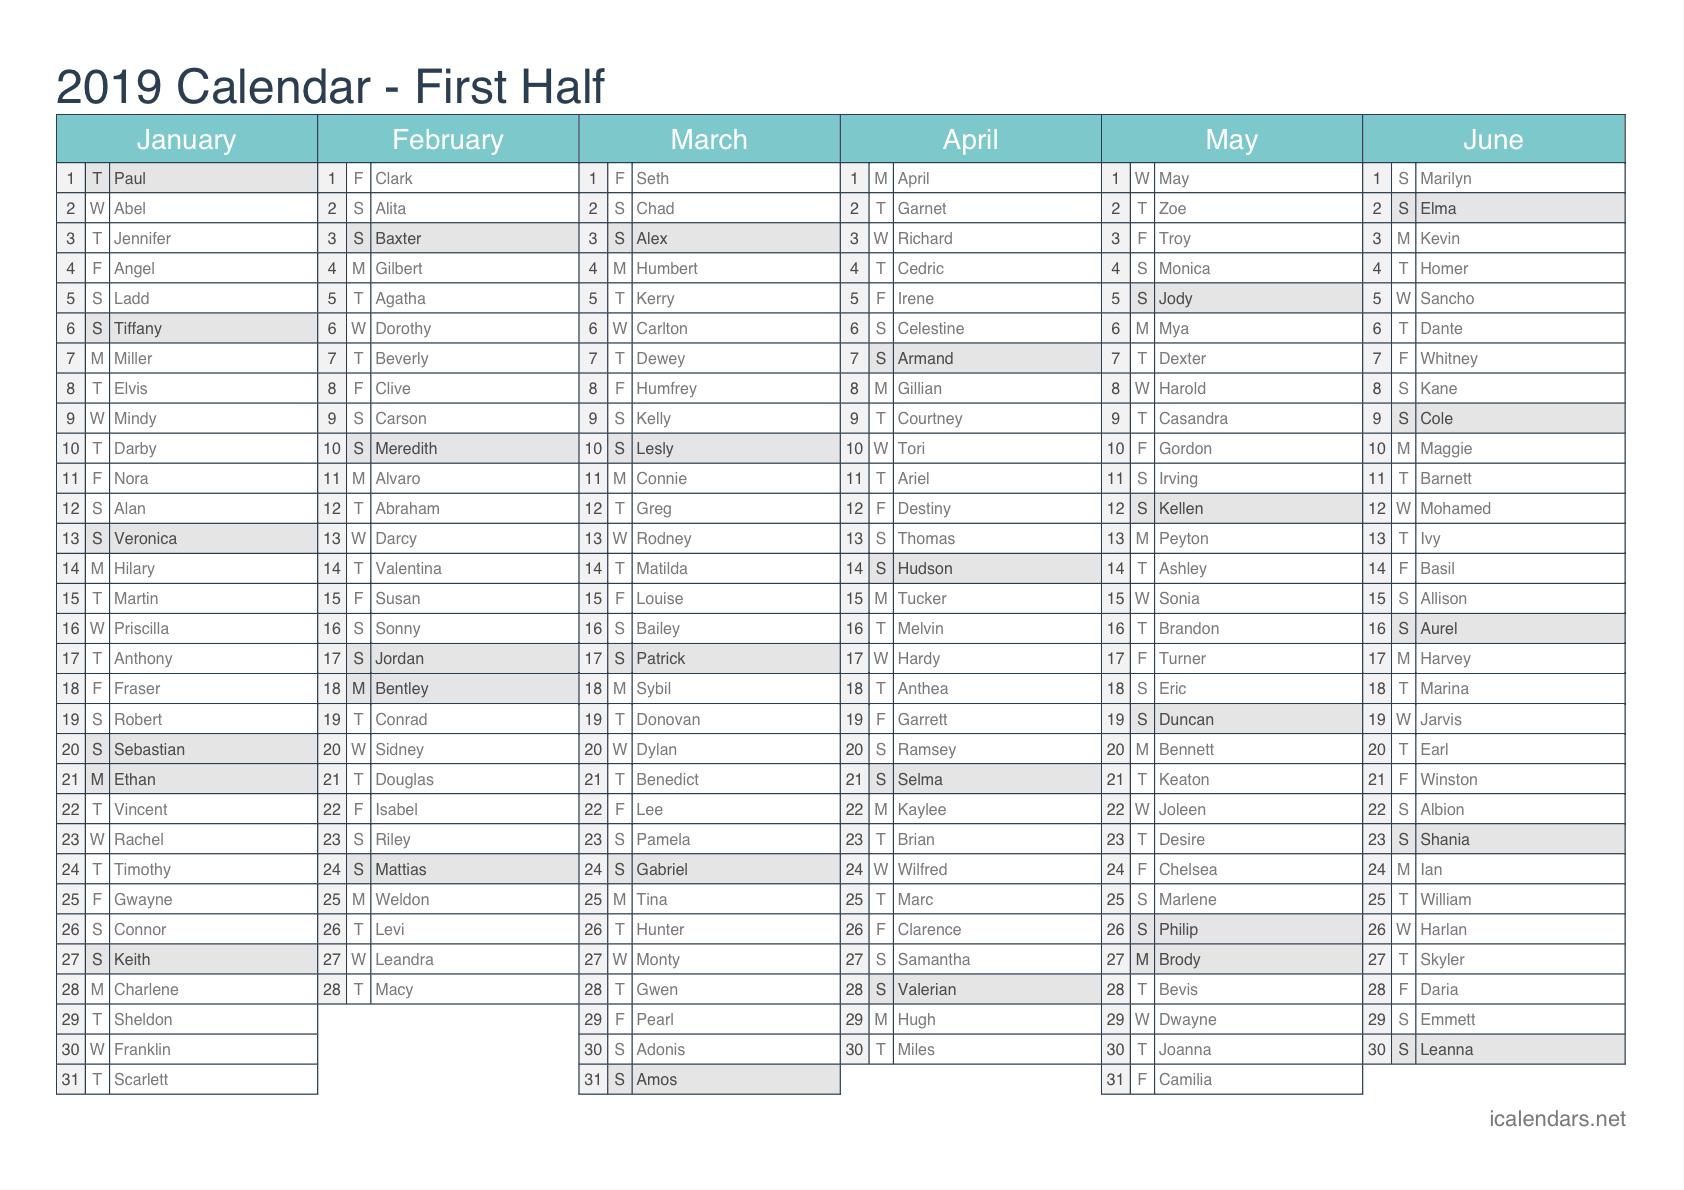 2019 Printable Calendar - Pdf Or Excel - Icalendars Calendar 2019 Excel With Week Numbers